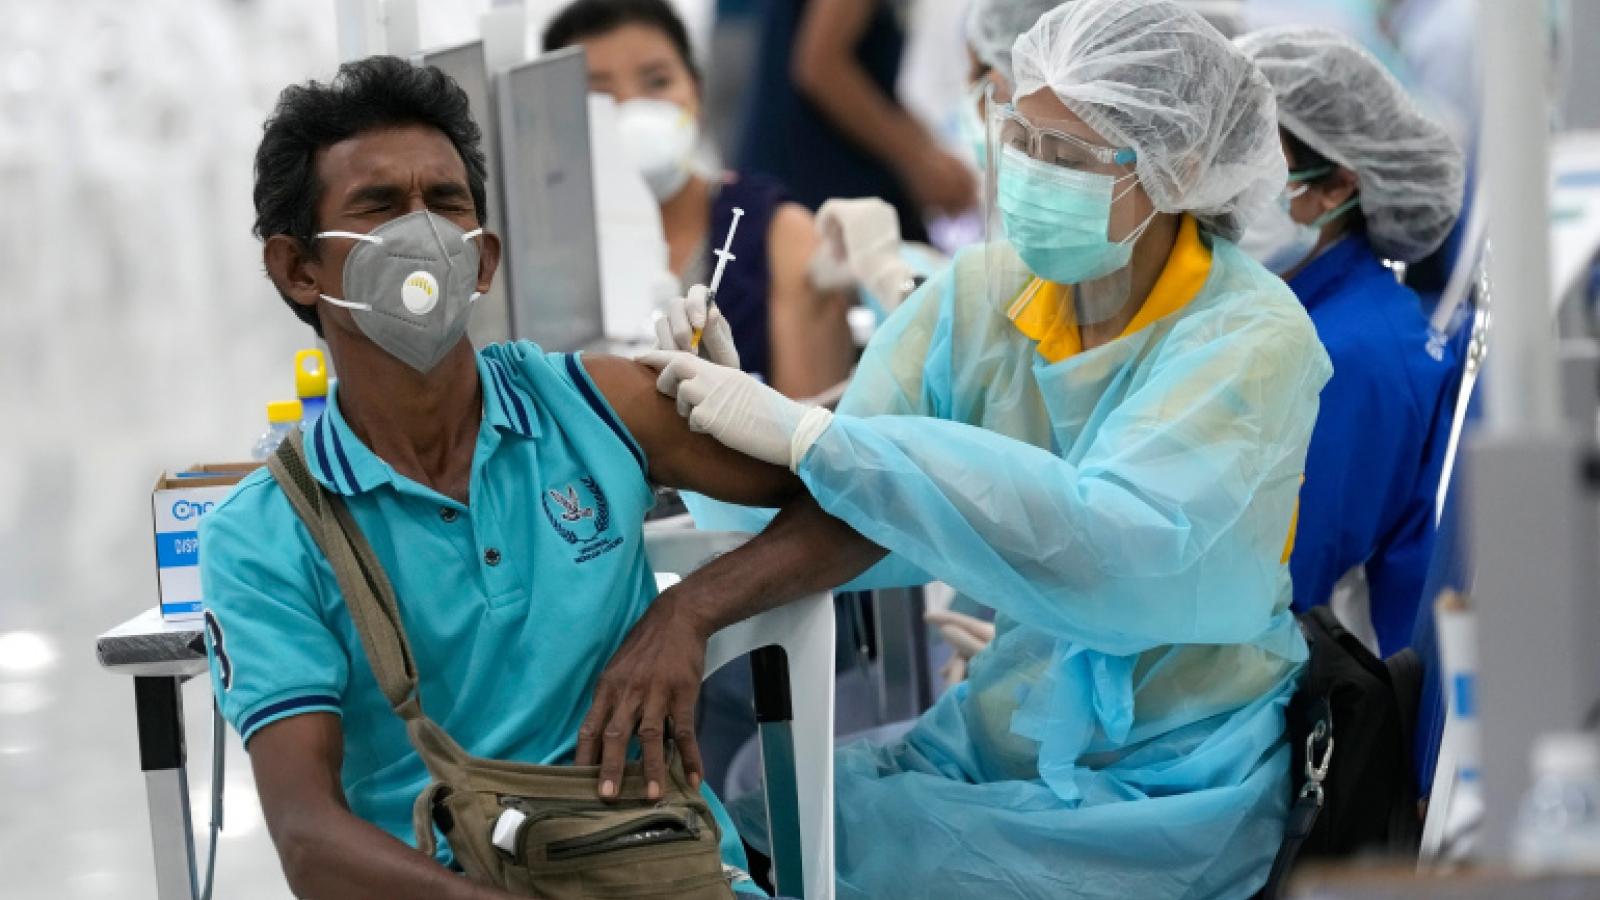 Khoảng 500.000 người ở Bangkok (Thái Lan) có thể đã mắc Covid-19 không triệu chứng